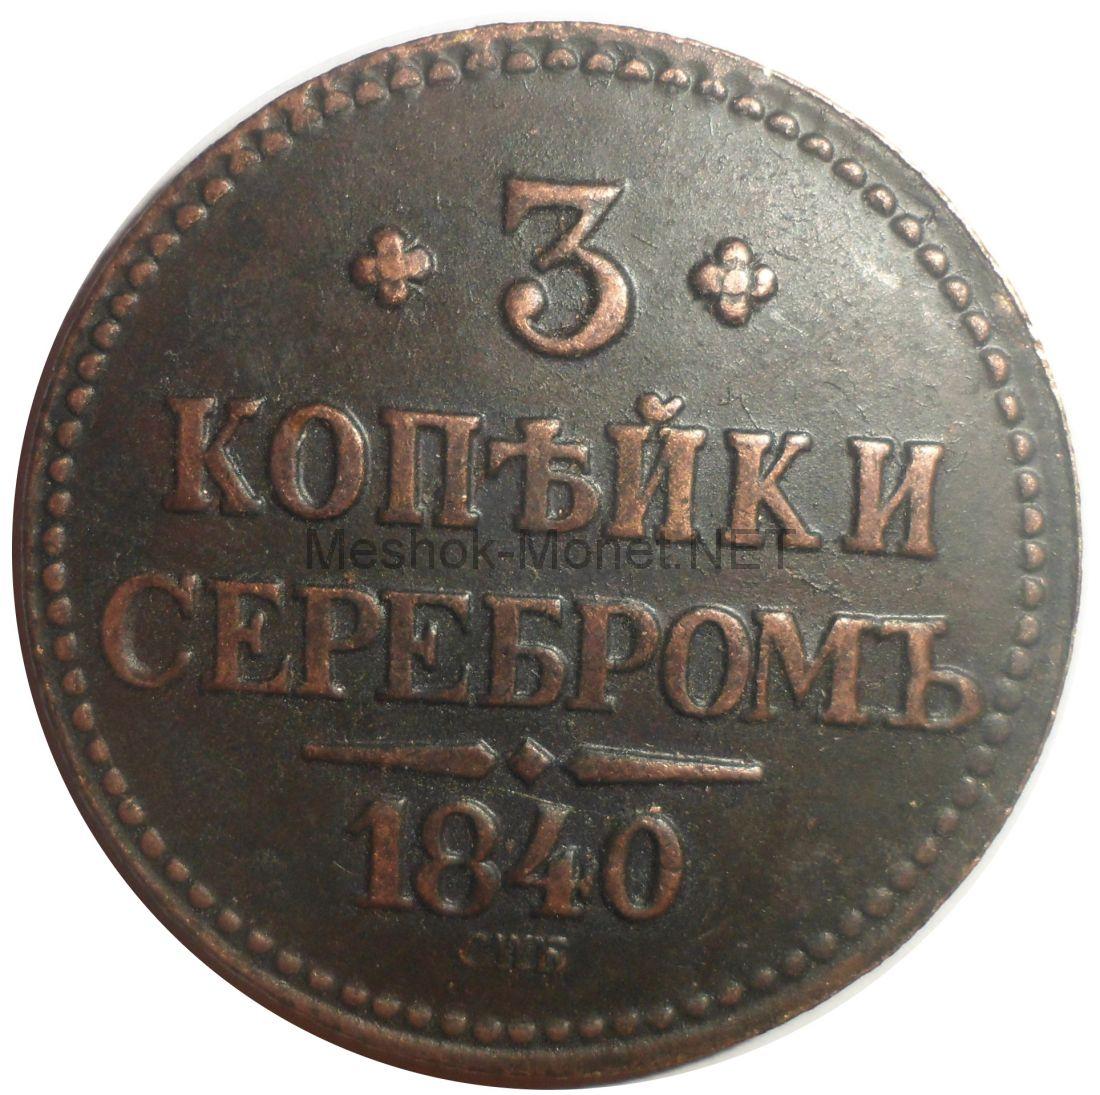 Копия монеты 3 копейки 1840 года спб.